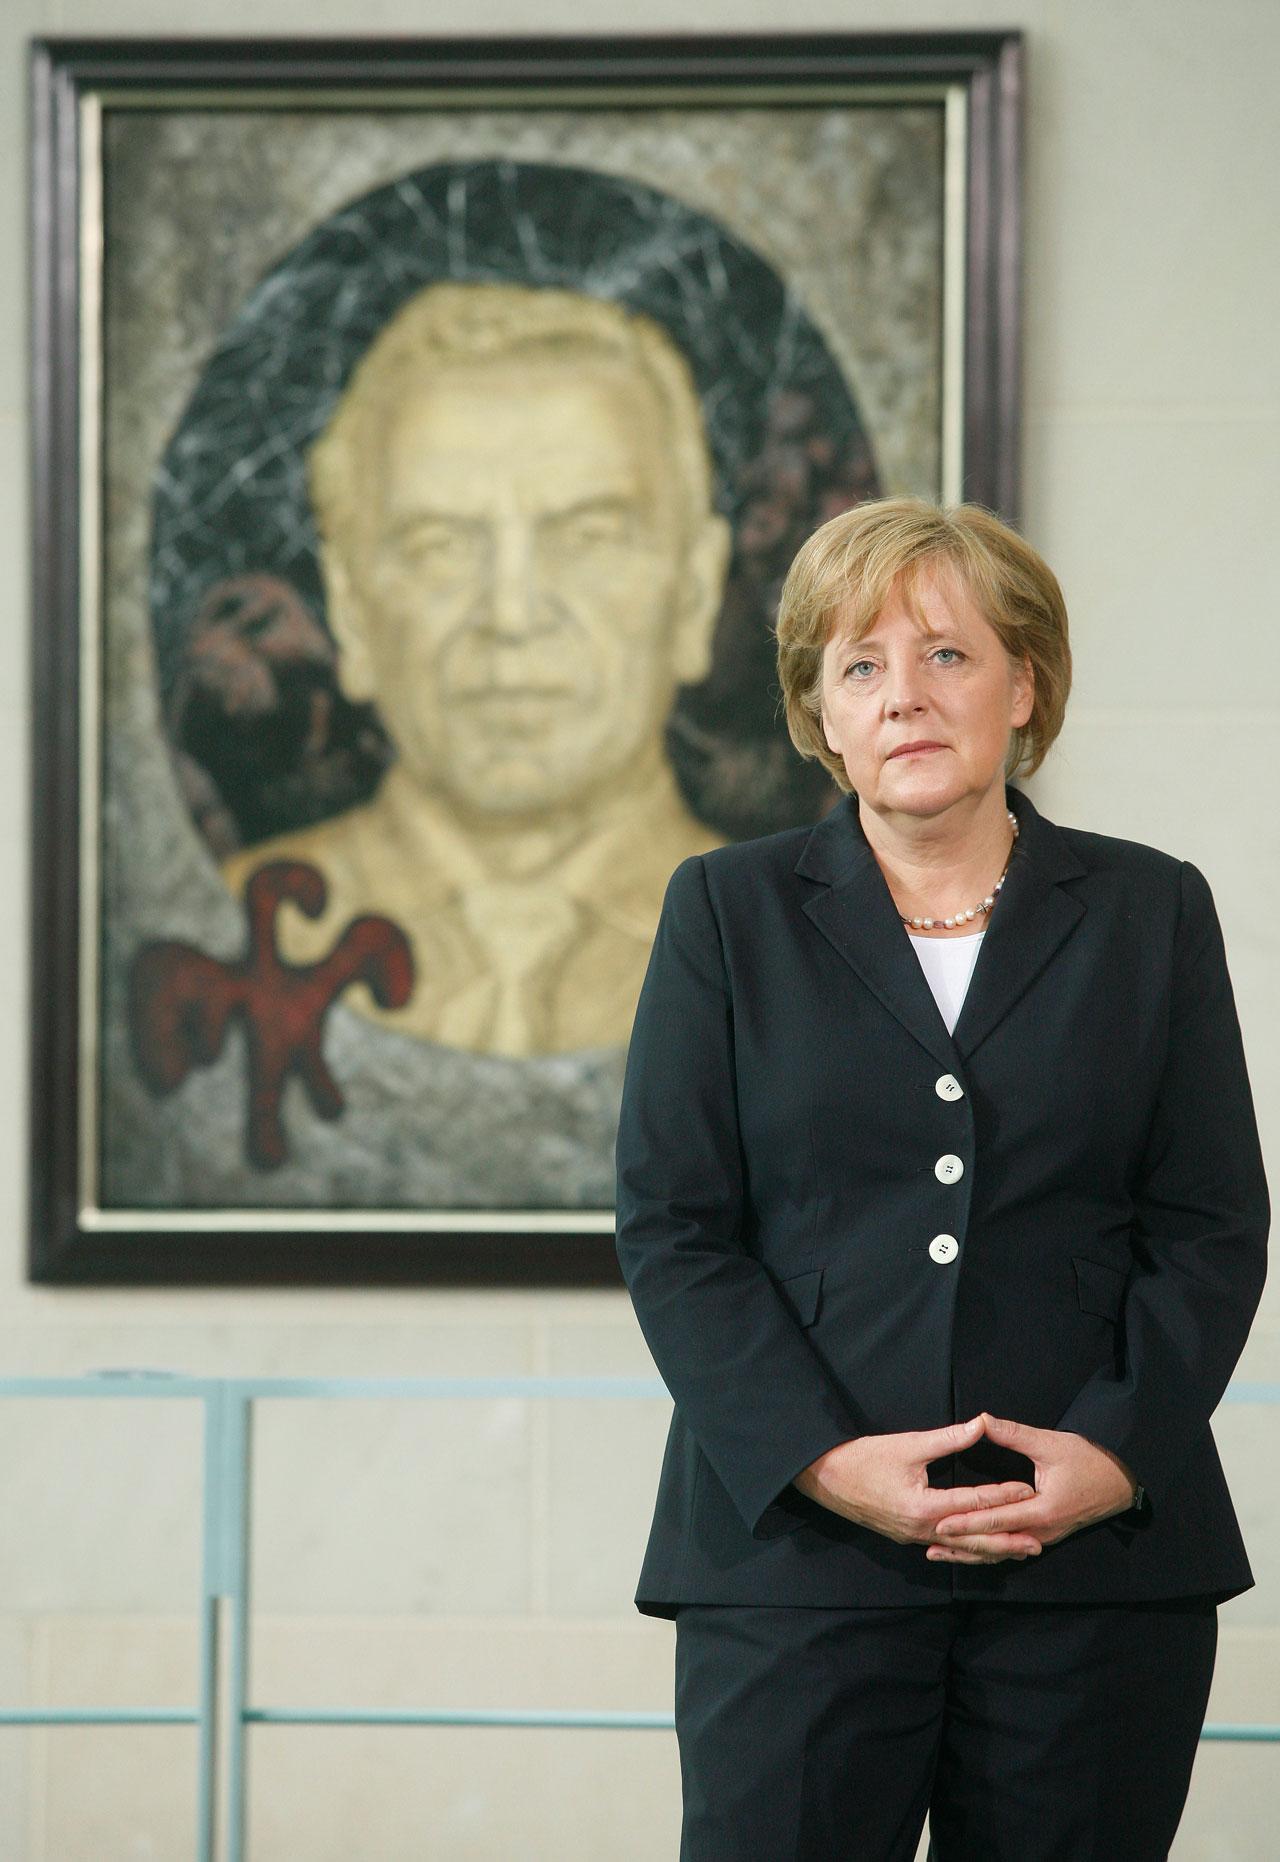 Die staatstragende Pose gehört zum Repertoire jedes Spitzenpolitikers – natürlich auch bei Angela Merkel.